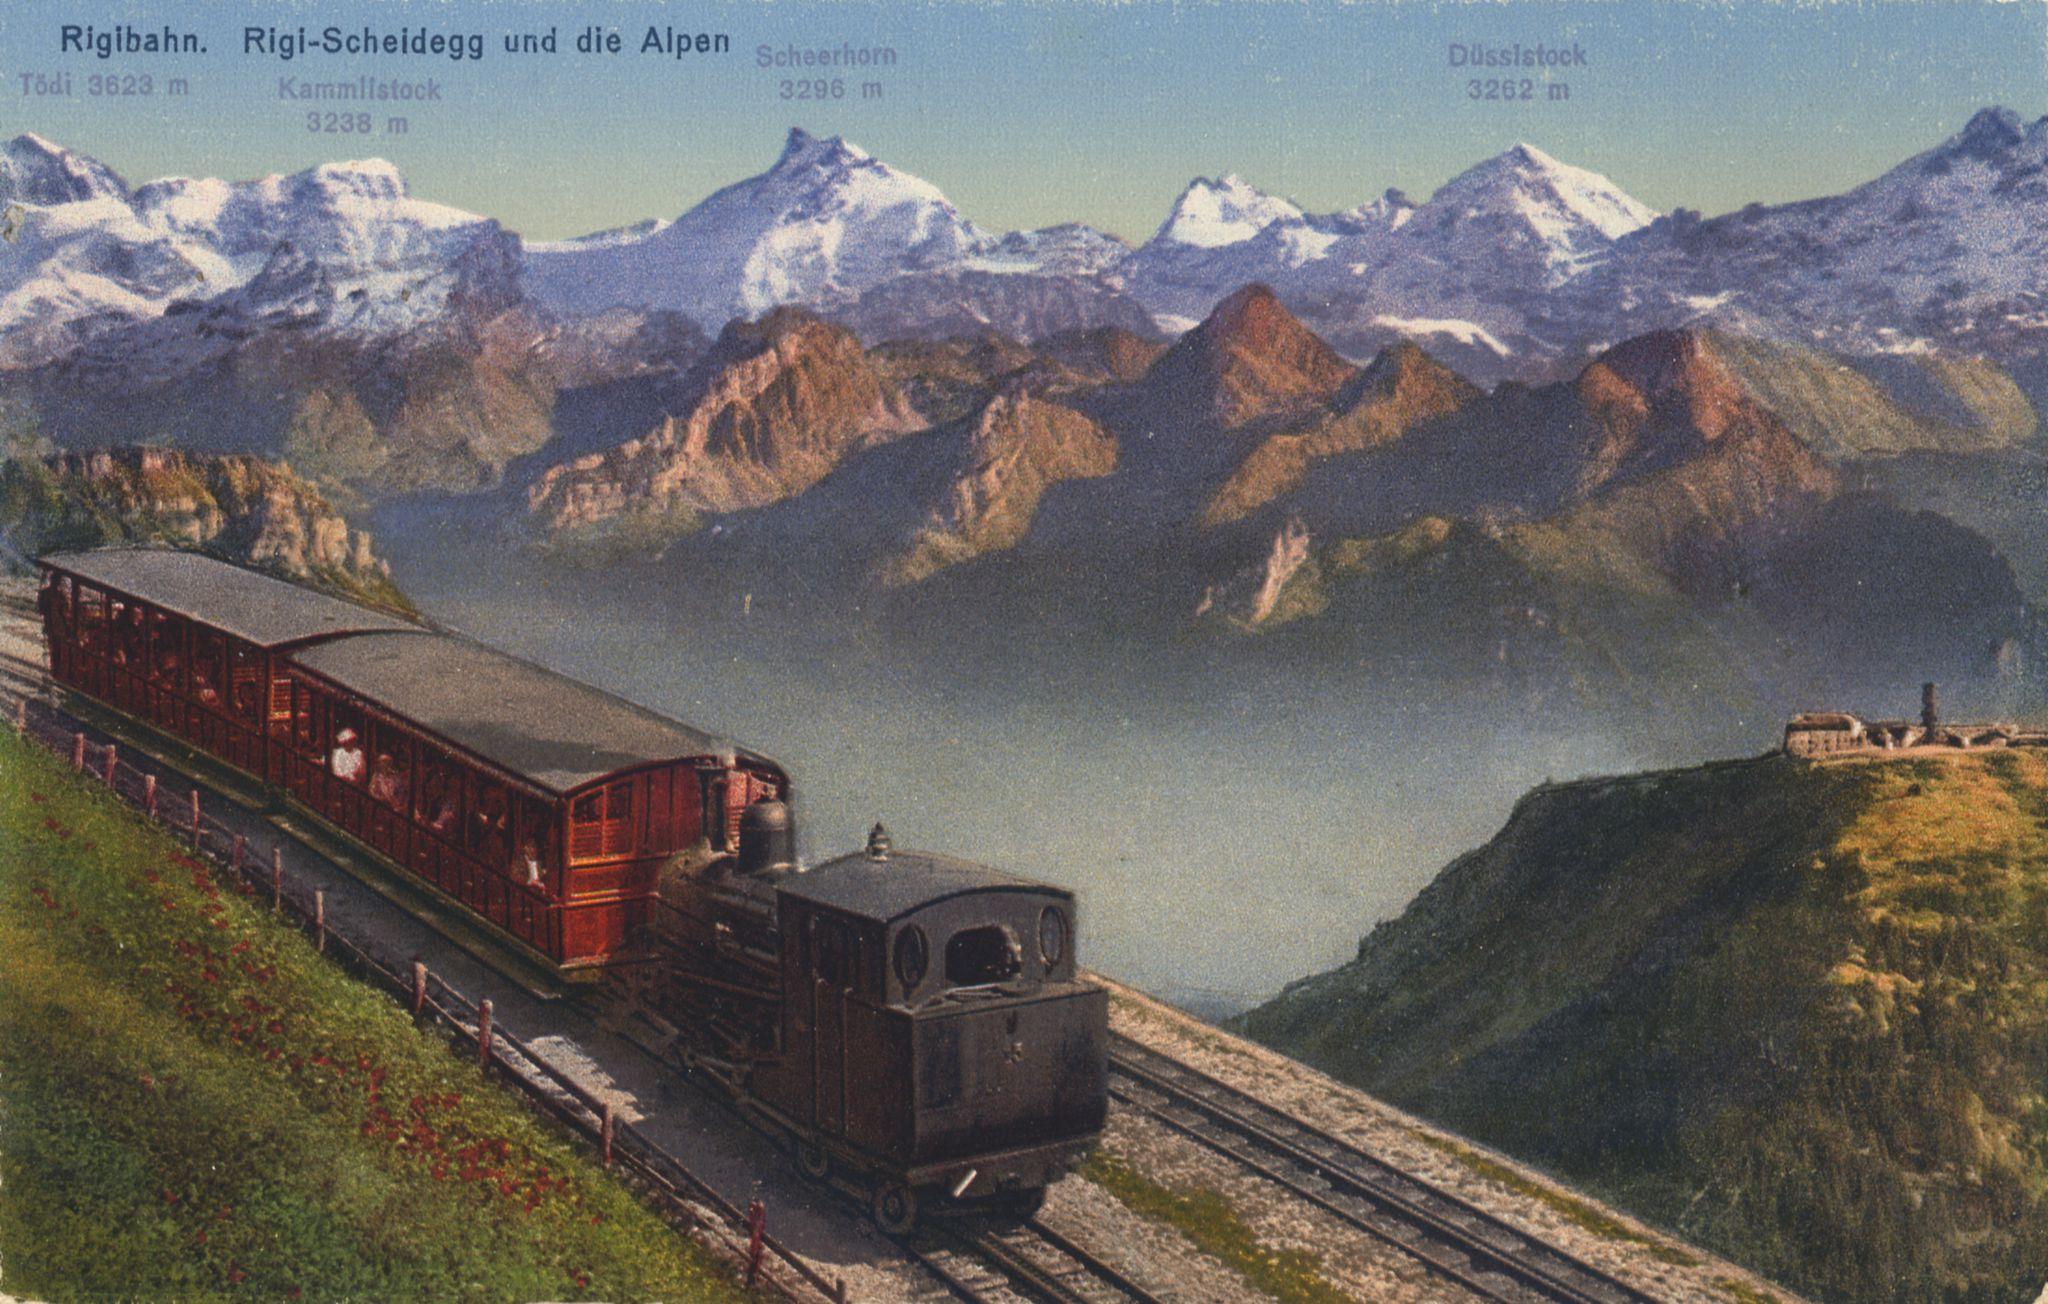 Die erste Rigibahn